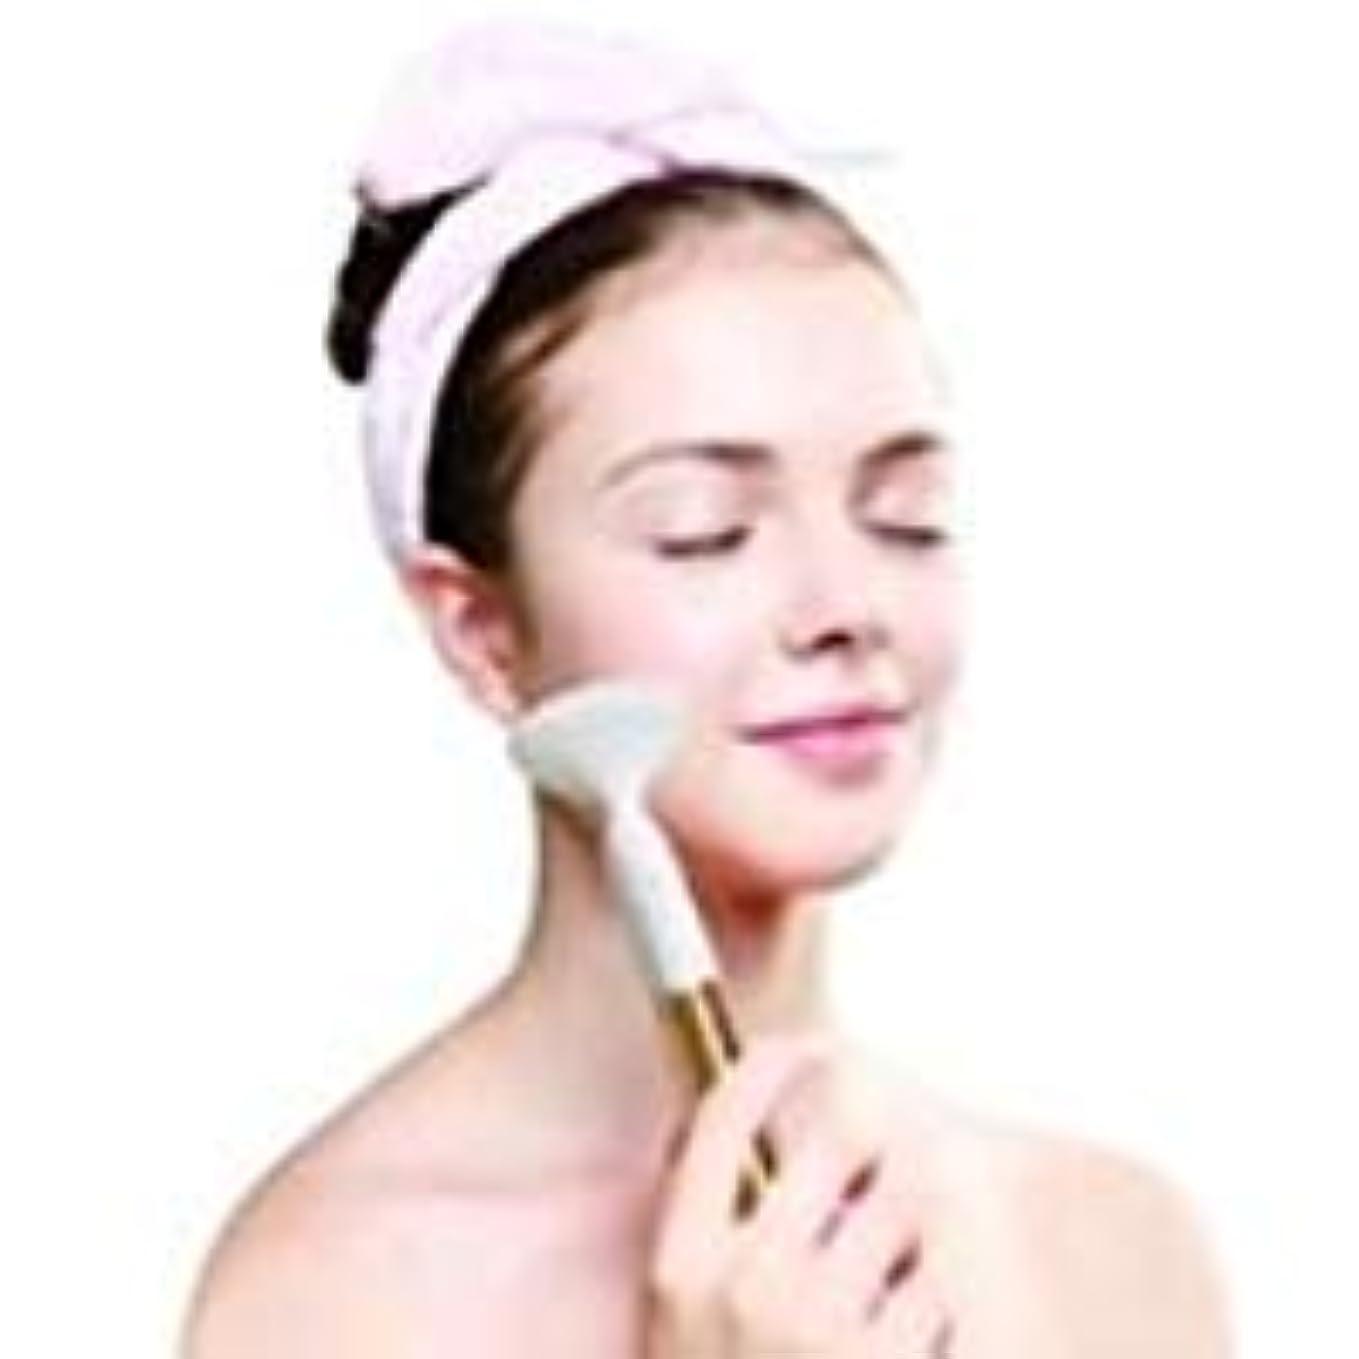 シールド中央値必要としているお風呂で美顔 洗顔 防水洗顔 ブラシ FREYA フレイヤ (ゴールド)